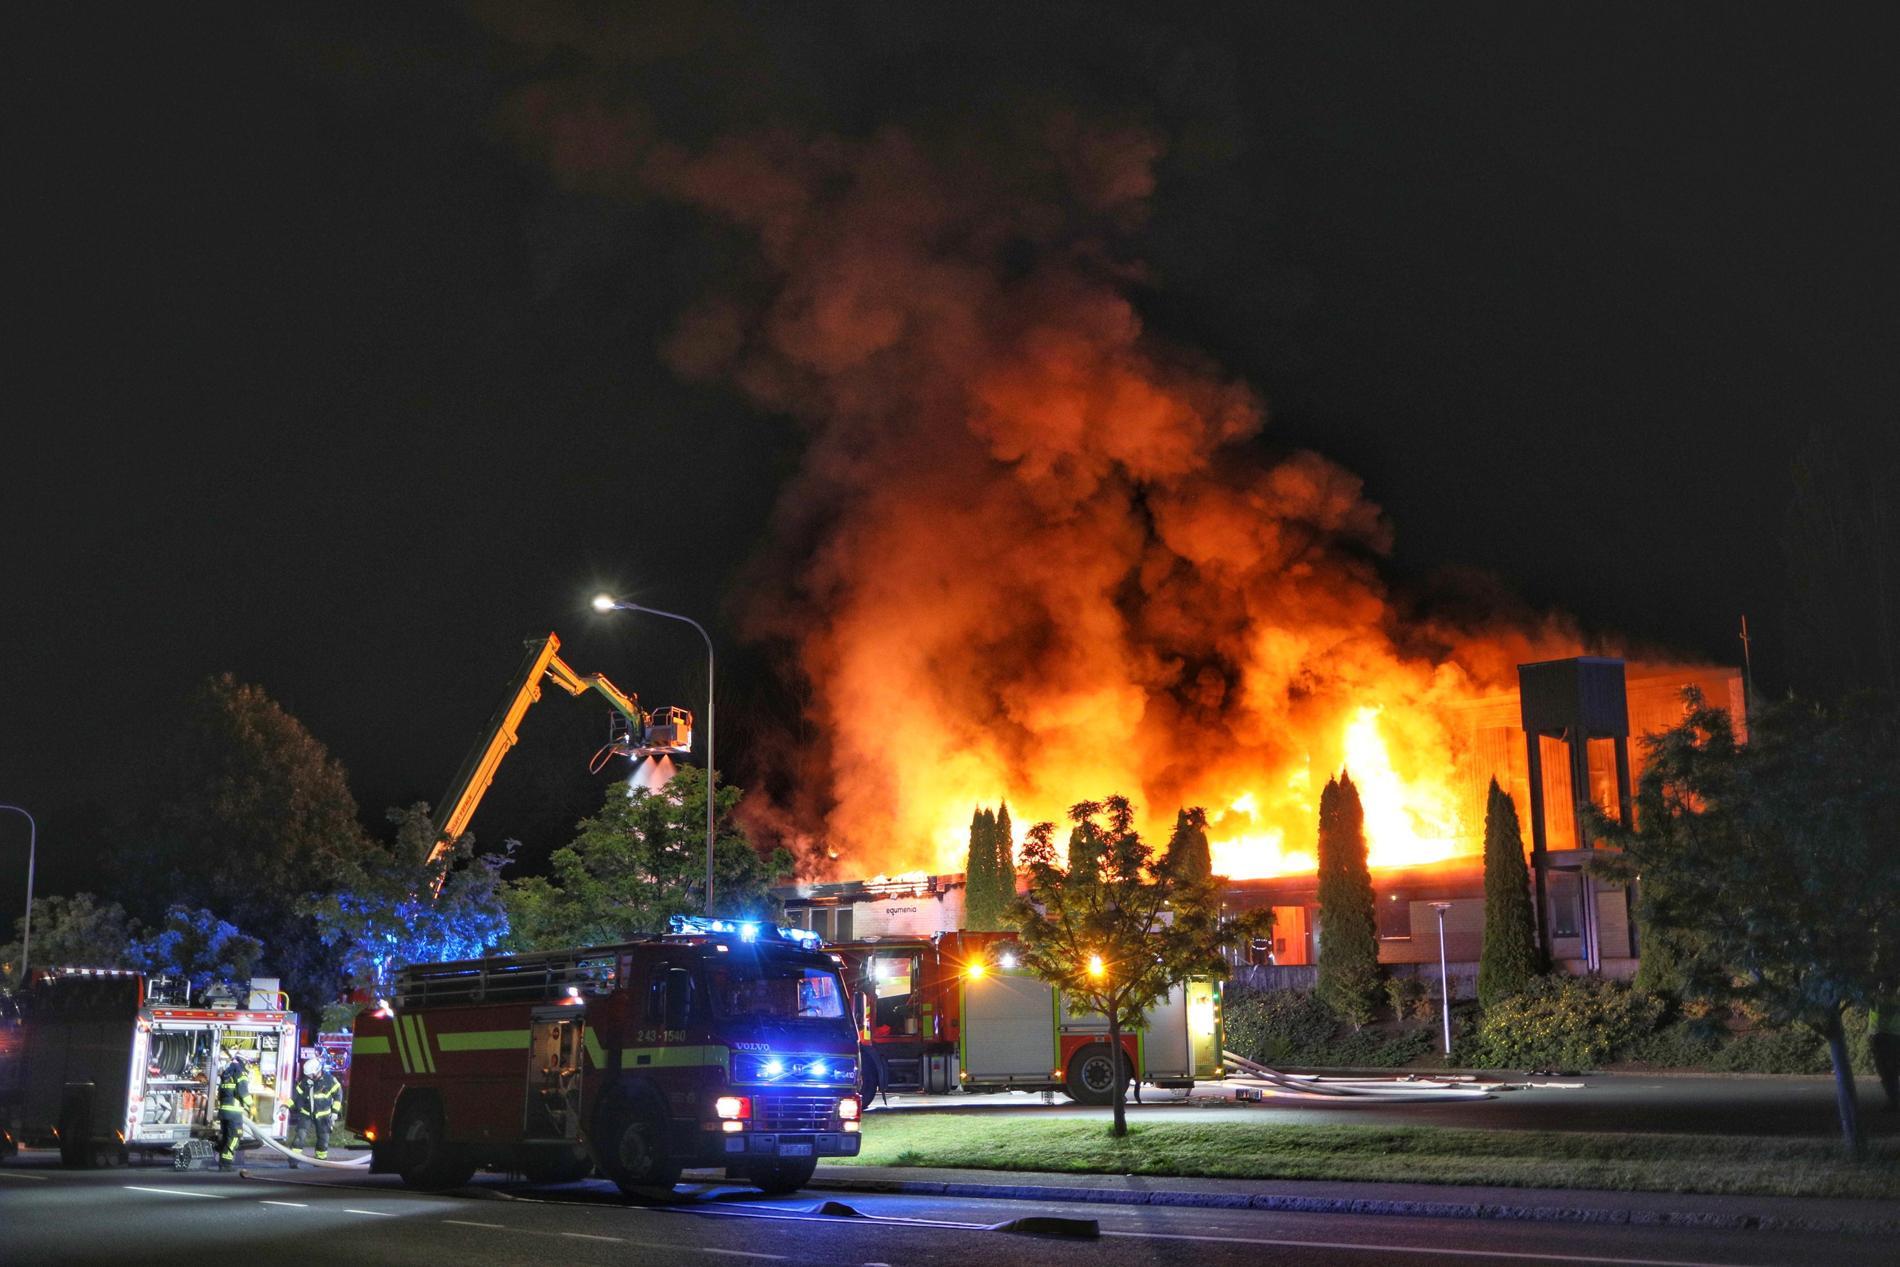 En kraftig brand förstörde Ansgariikyrkan i Jönköping under natten. Brandorsaken är oklar. Polisen har inlett en utredning om mordbrand.